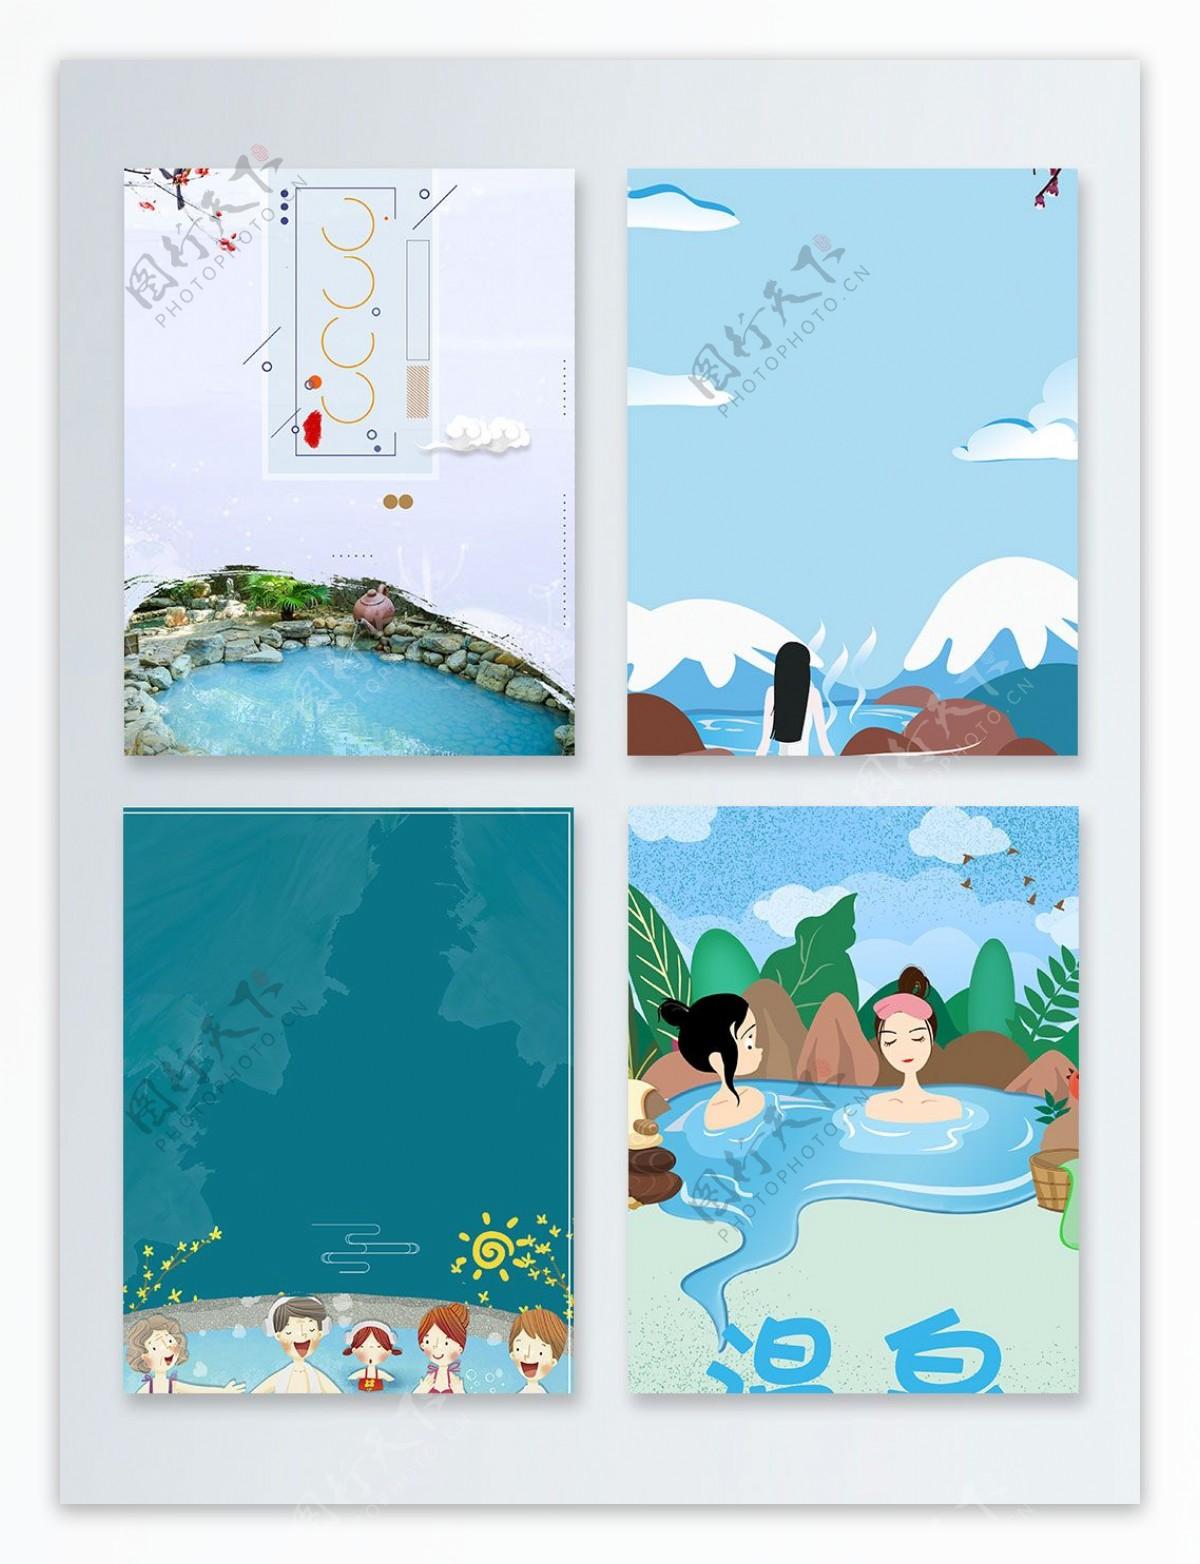 卡通冰山泡温泉的女孩广告背景